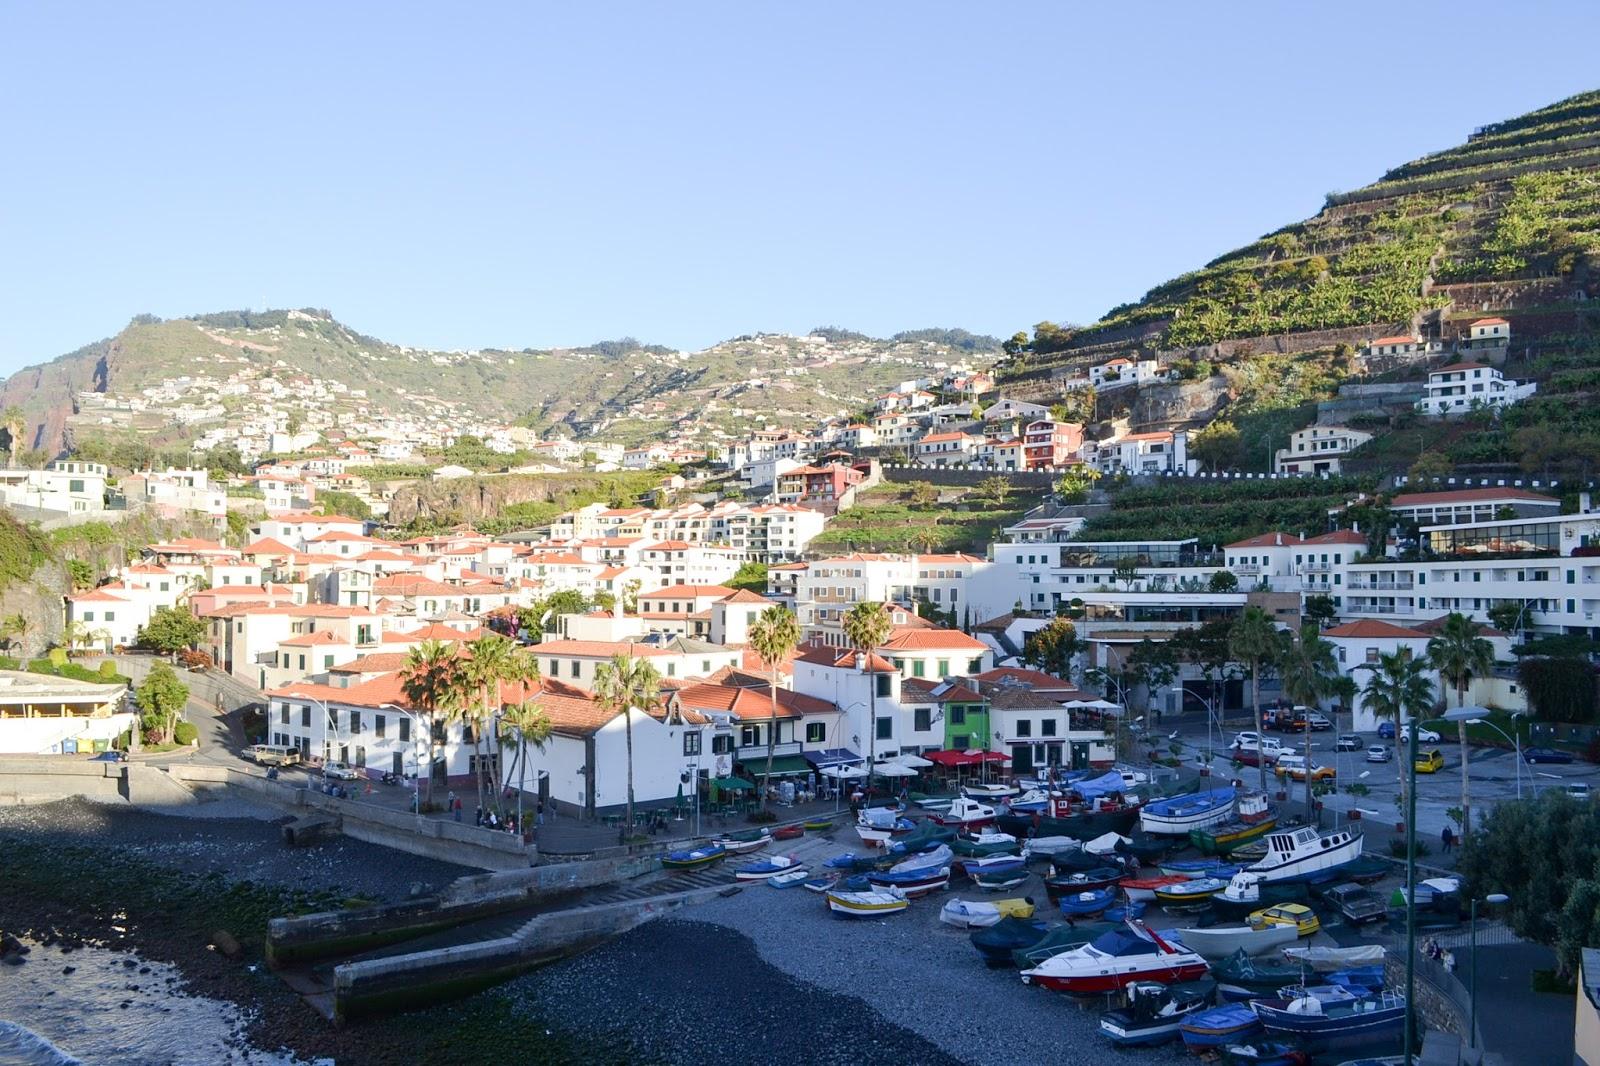 Câmara de Lobos, Madeira, Portugal